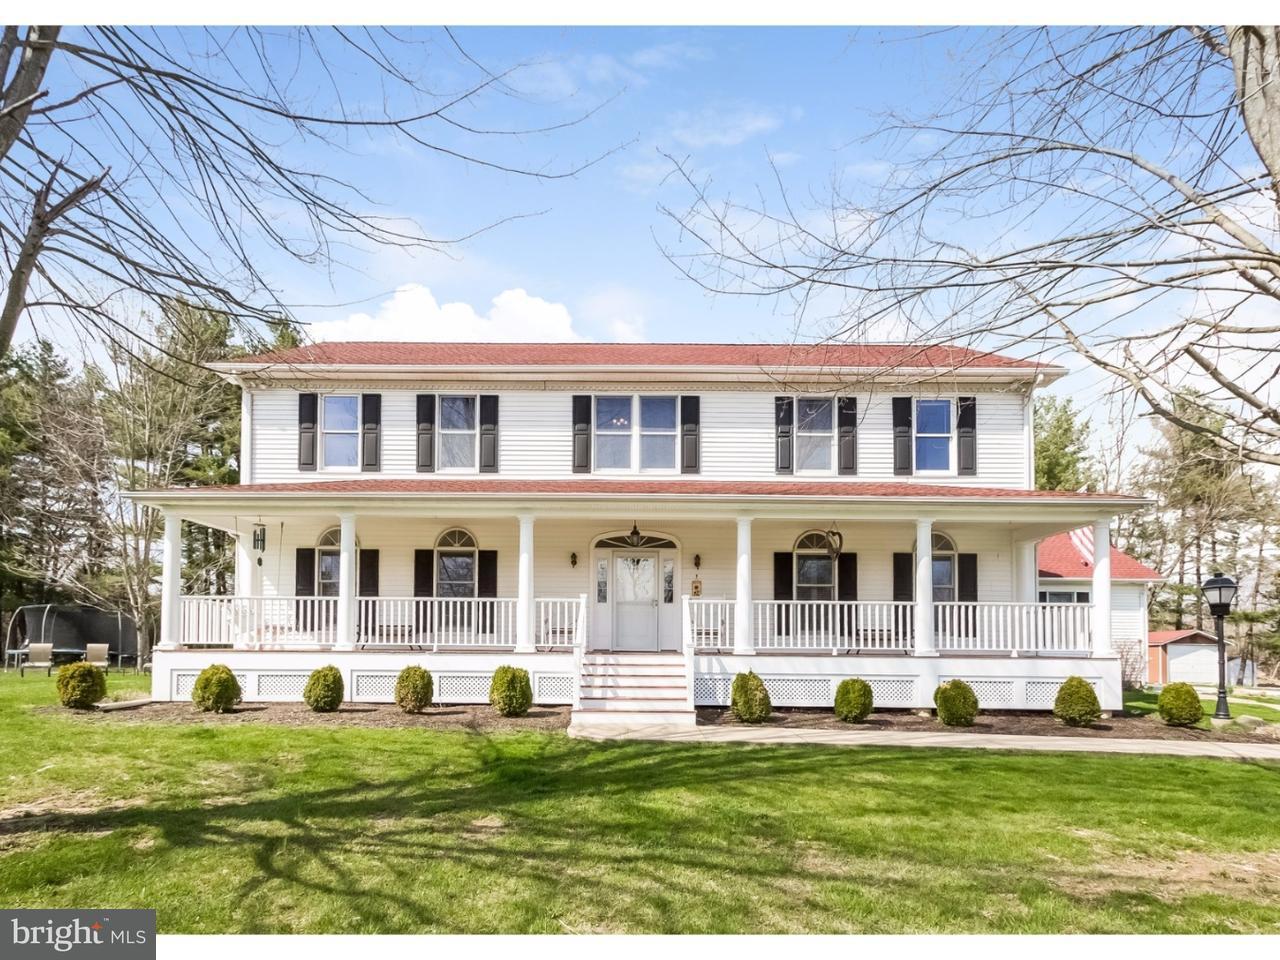 独户住宅 为 销售 在 313 BYRAM KINGWOOD Road 弗伦奇敦, 新泽西州 08825 美国在/周边: Kingwood Township